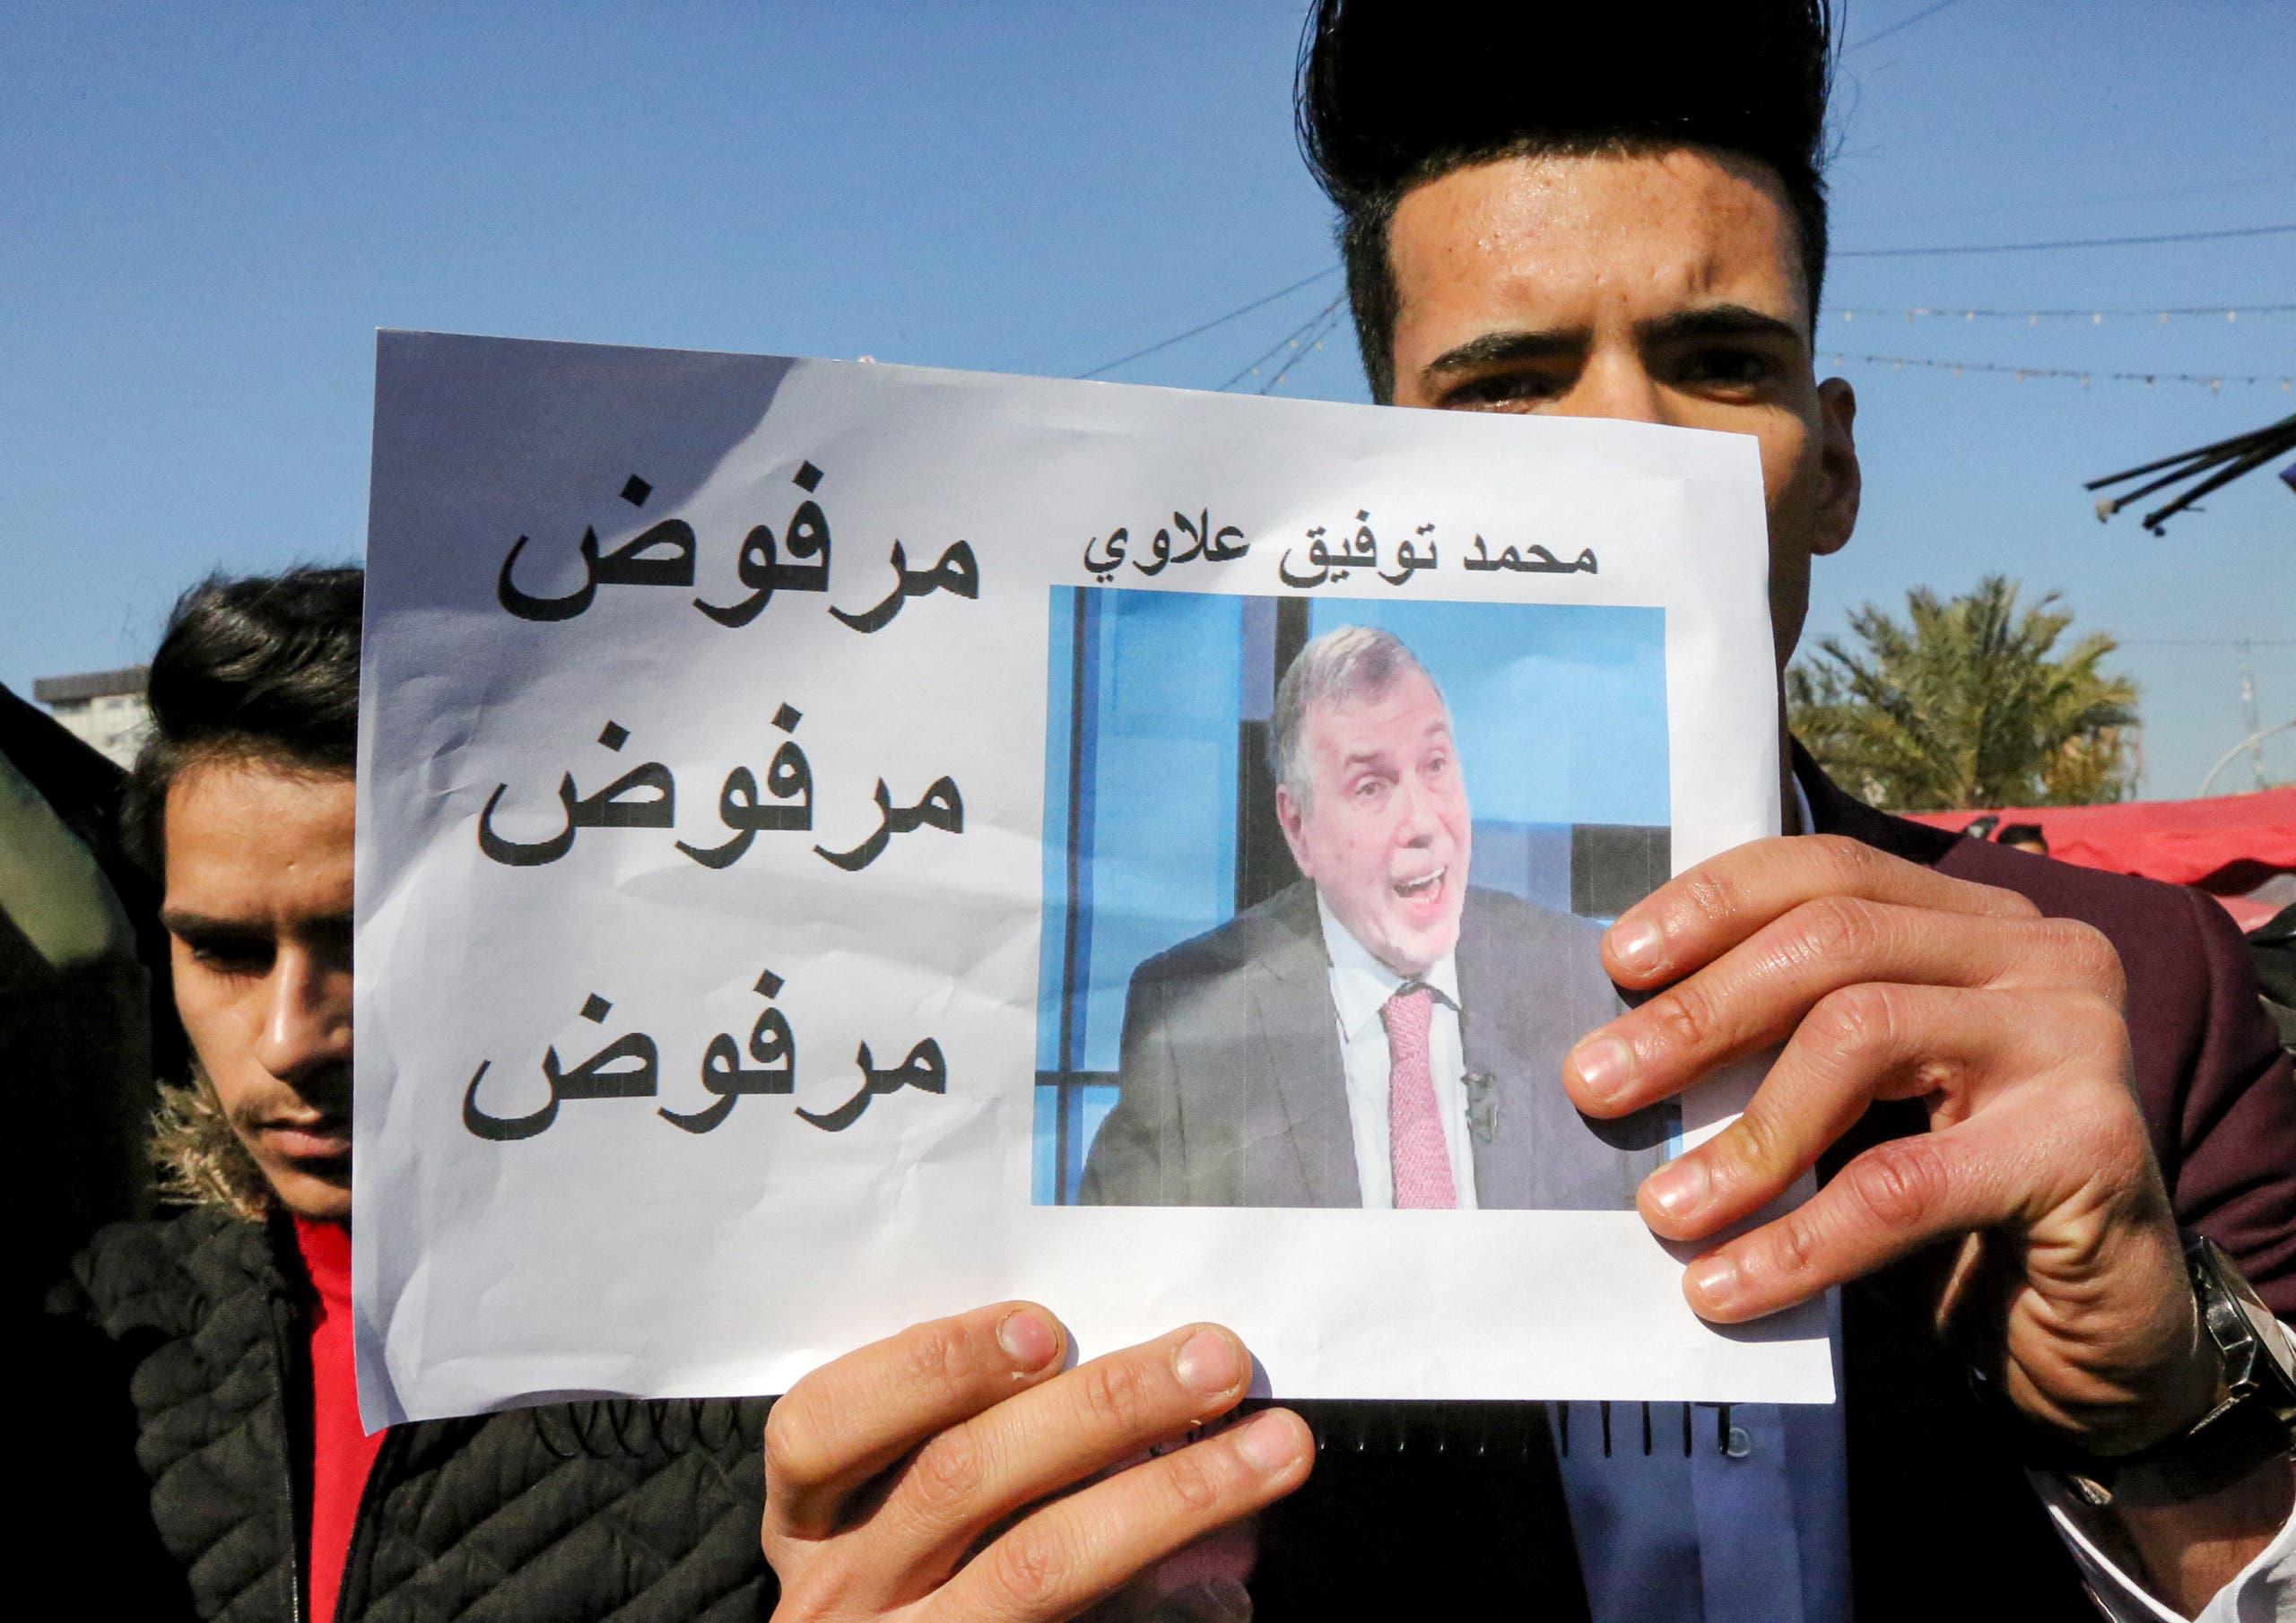 متظاهر عراقي يرفع صورة علاوي وقد كتب عليها مرفوض(أرشيفية- فرانس برس)